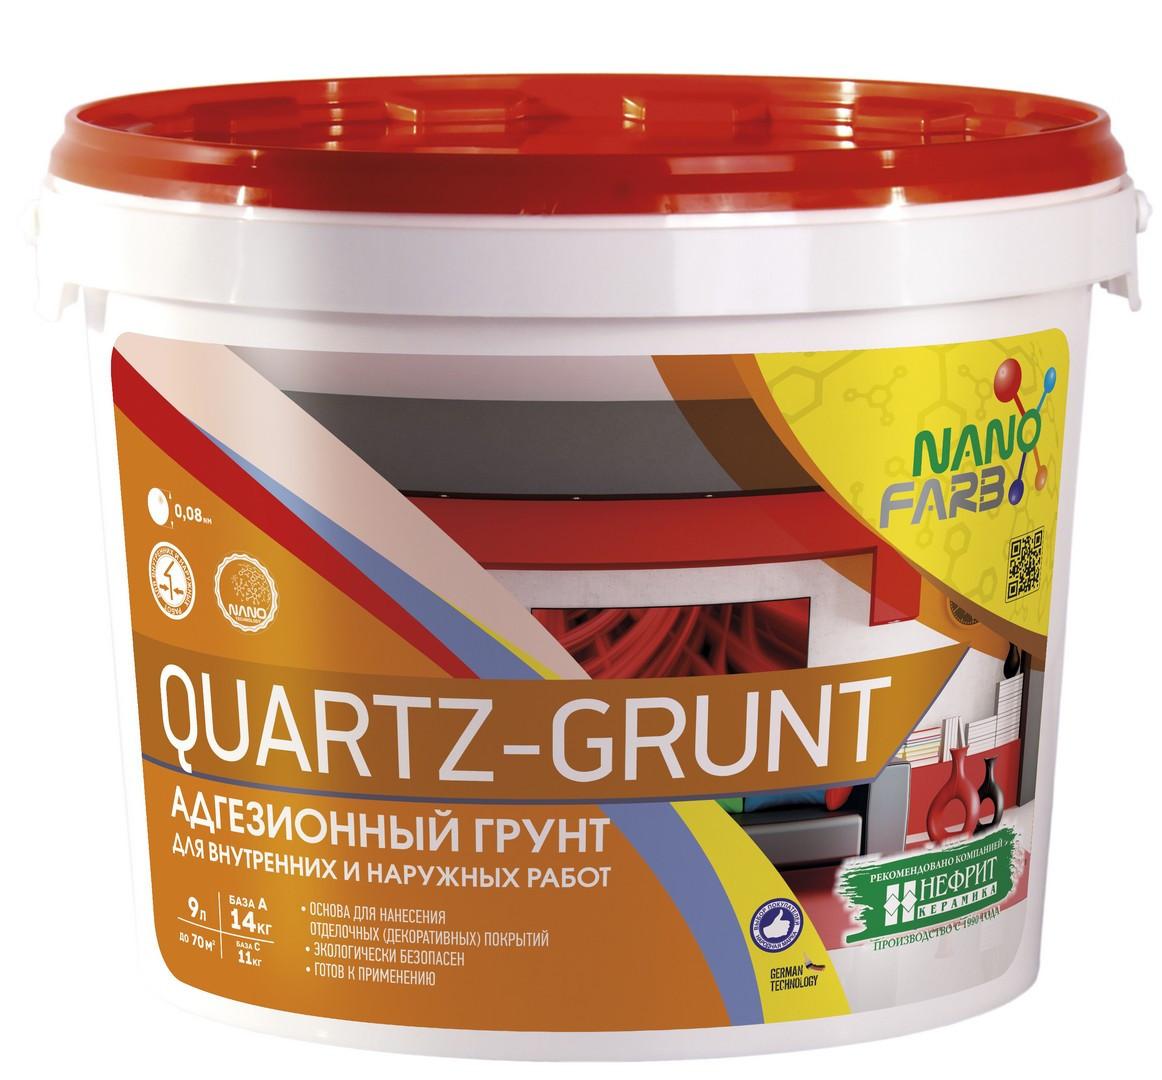 Адгезионная грунтовка универсальная Quartz-grunt Nano farb 14 кг